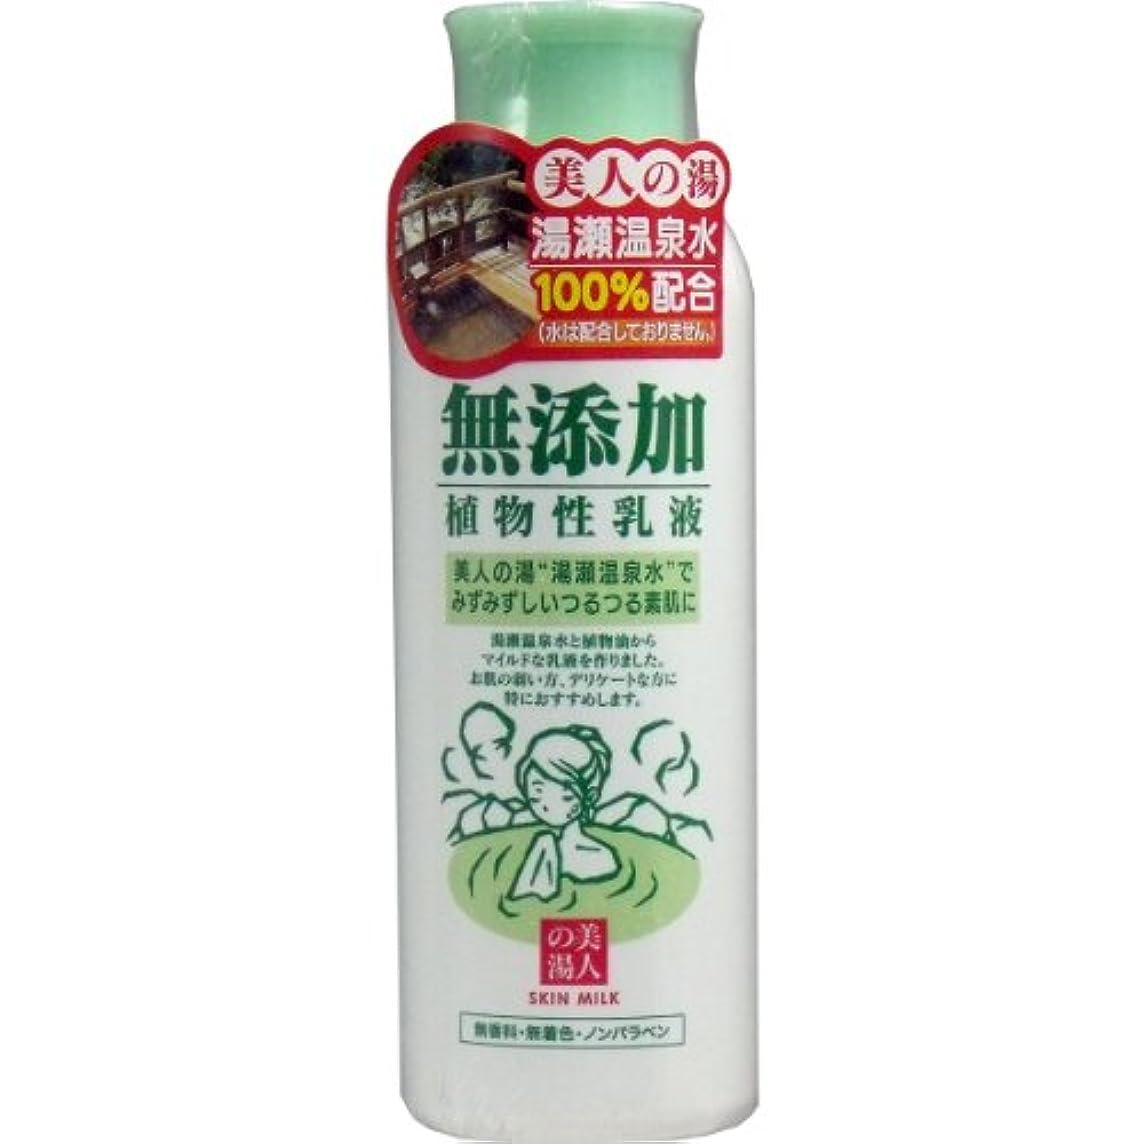 同僚首謀者締め切りユゼ 無添加植物性乳液 150mL「4点セット」